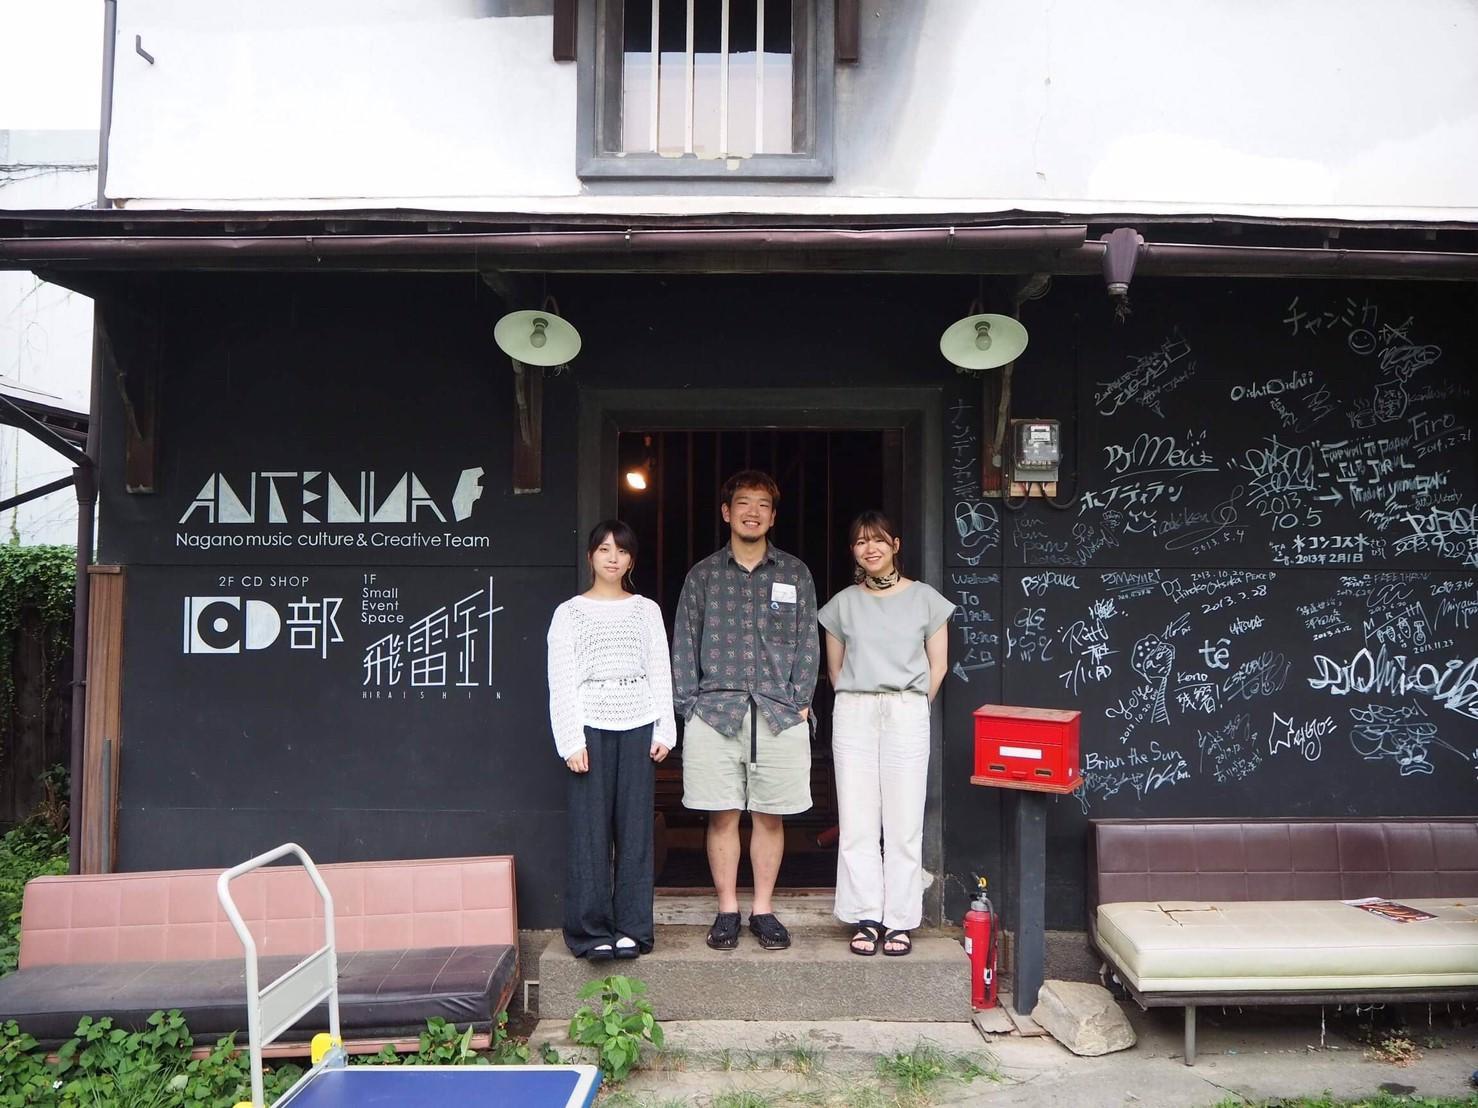 長野県立大学の学生が運営する新しいスタイルの古着屋「TRIANGLE」がオープン -- 8月24・25日にオープニングイベントを開催